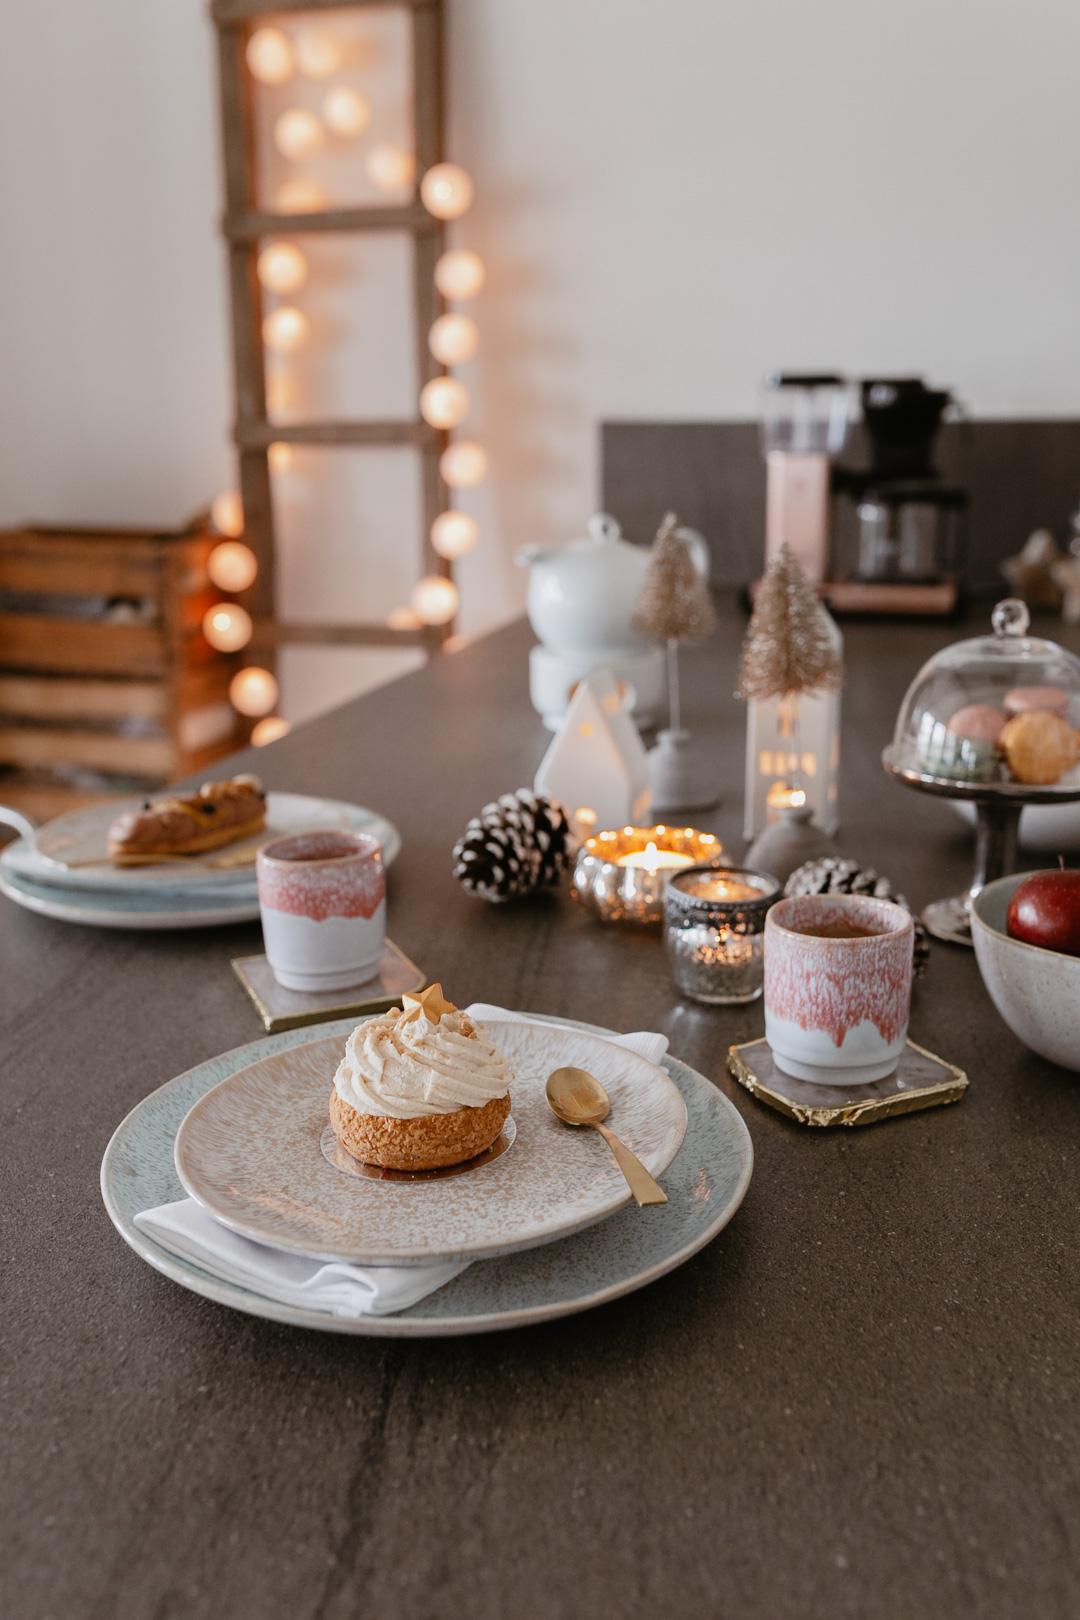 Wisst ihr, was ich in der Weihnachtszeit besonders liebe? Die beste Freundin zum Adventskaffee einladen. Meinen weihnachtlich gedeckten Tisch für das Coffee Date samt Macarons, Törtchen und dem hübschen Keramik Geschirr zeige ich euch auf www.piecesofmariposa.com. Außerdem könnt ihr auch etwas Tolles gewinnen!